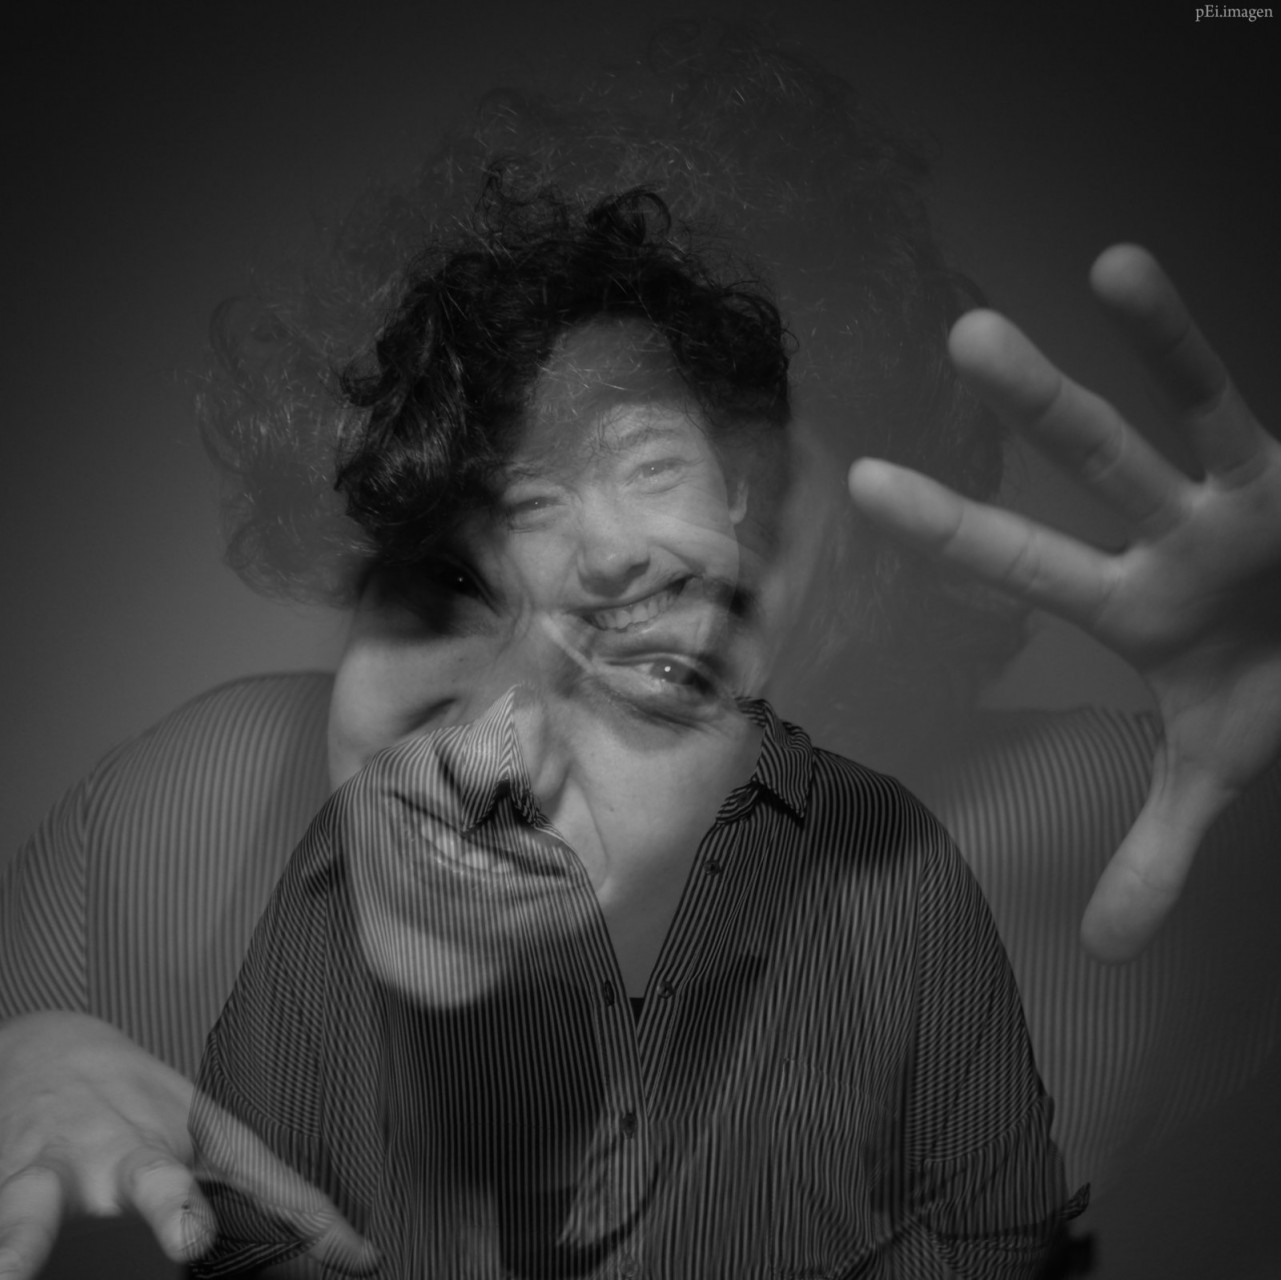 peipegata me myself I proyectos fotografia peipegatafotografia # 039 Marina Carretero Vallejo